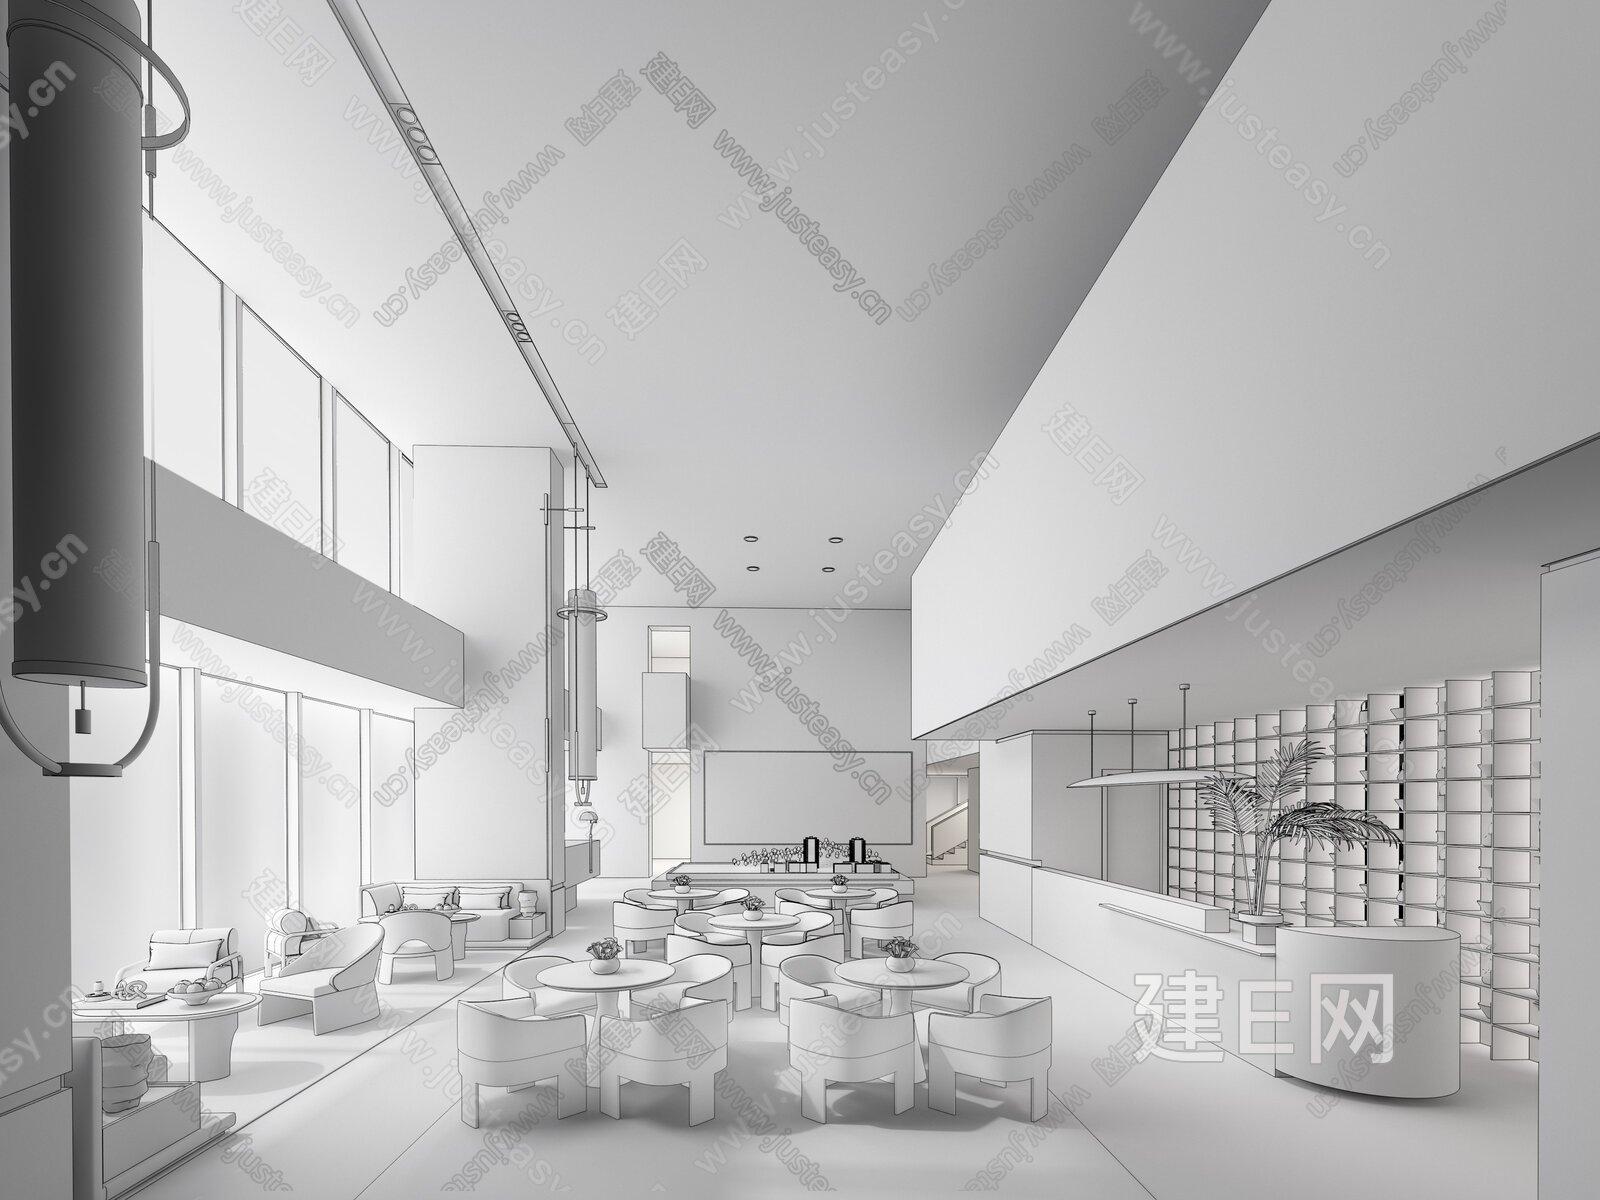 黄全|集艾设计 现代售楼处洽谈区 3d模型